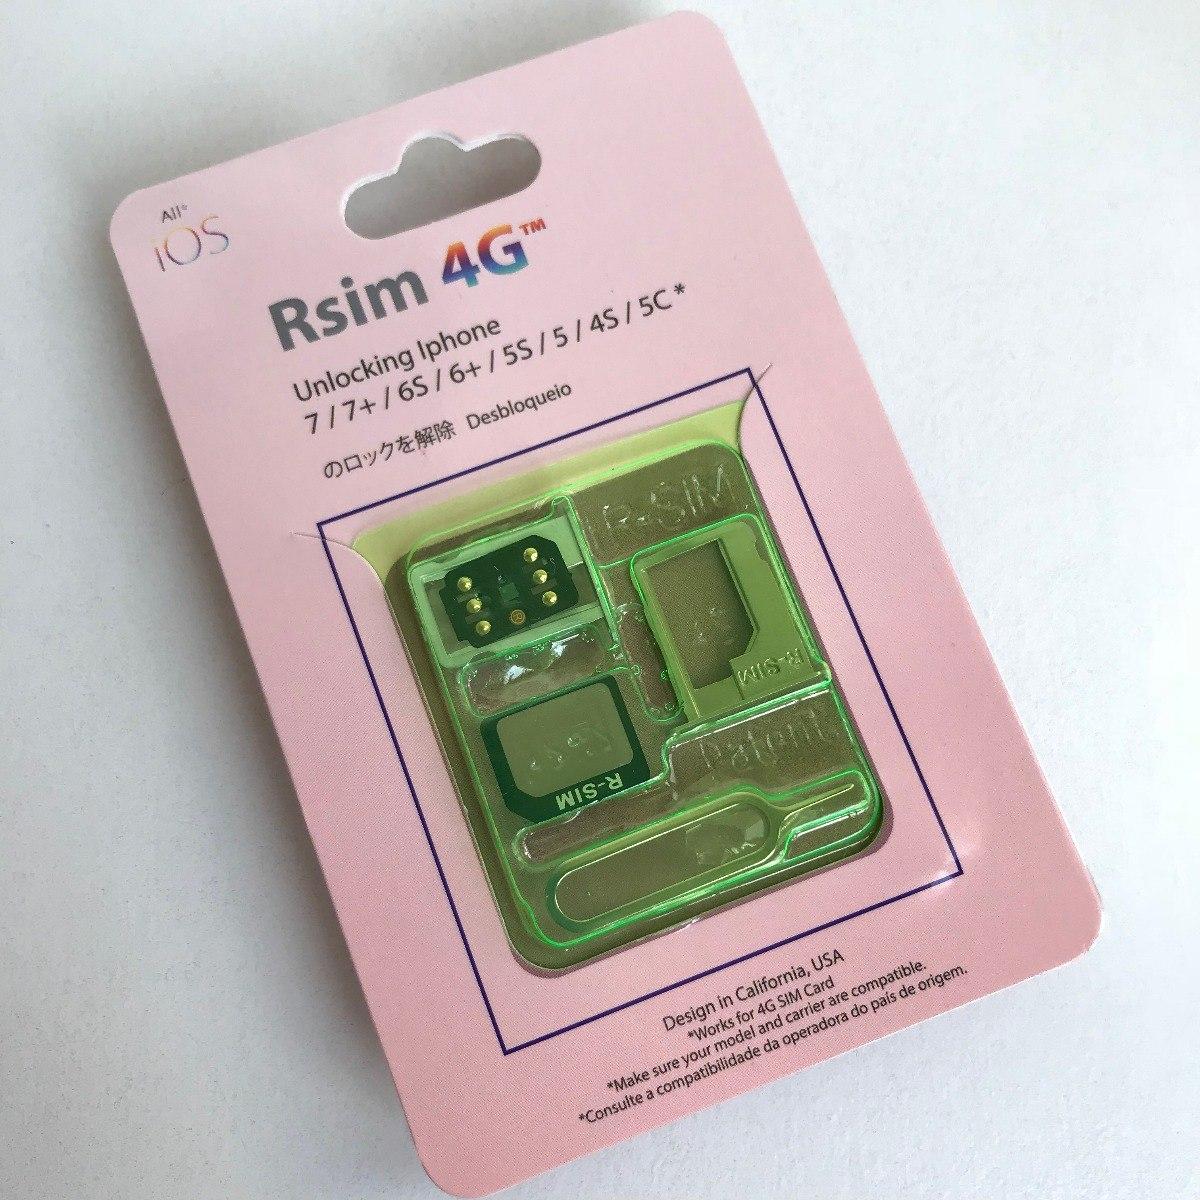 5532211b761 Chip R-sim 4g P/ Desbloqueio iPhone 6/7/8/6s/5s/x/xs/xr - R$ 129,00 ...